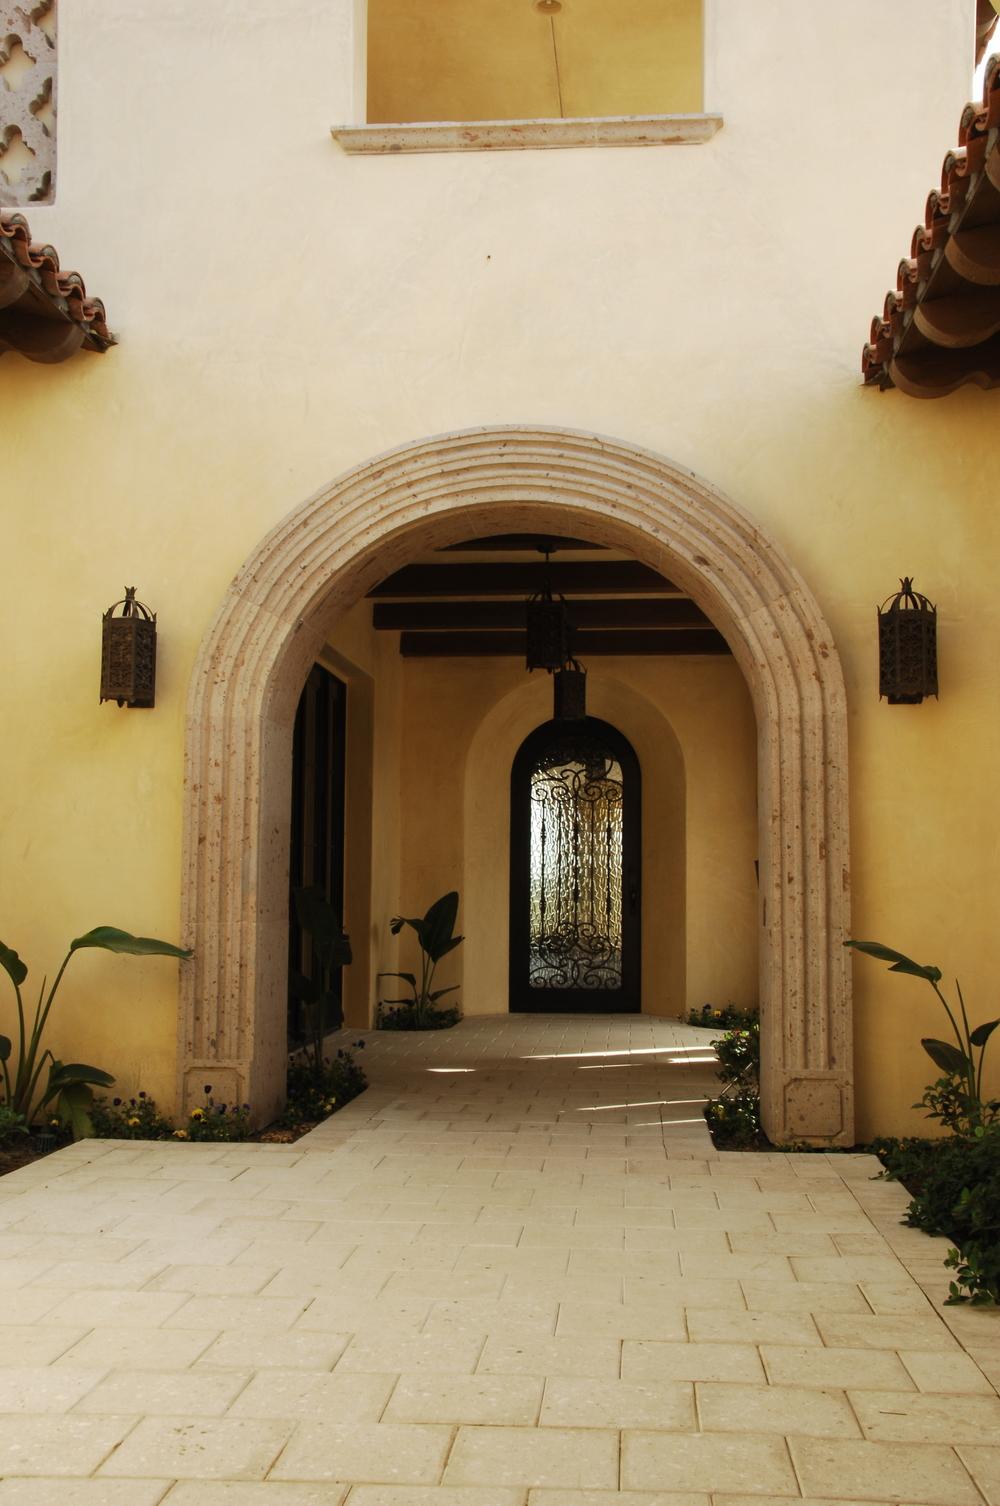 Molding Surrounds Cantera Stone Limestone Architectural Designs